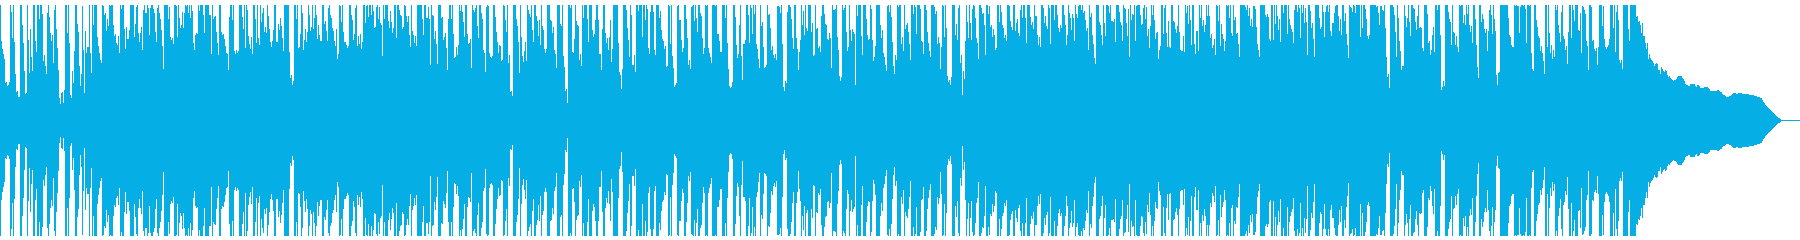 農家をイメージしたほのぼの系ポップスの再生済みの波形